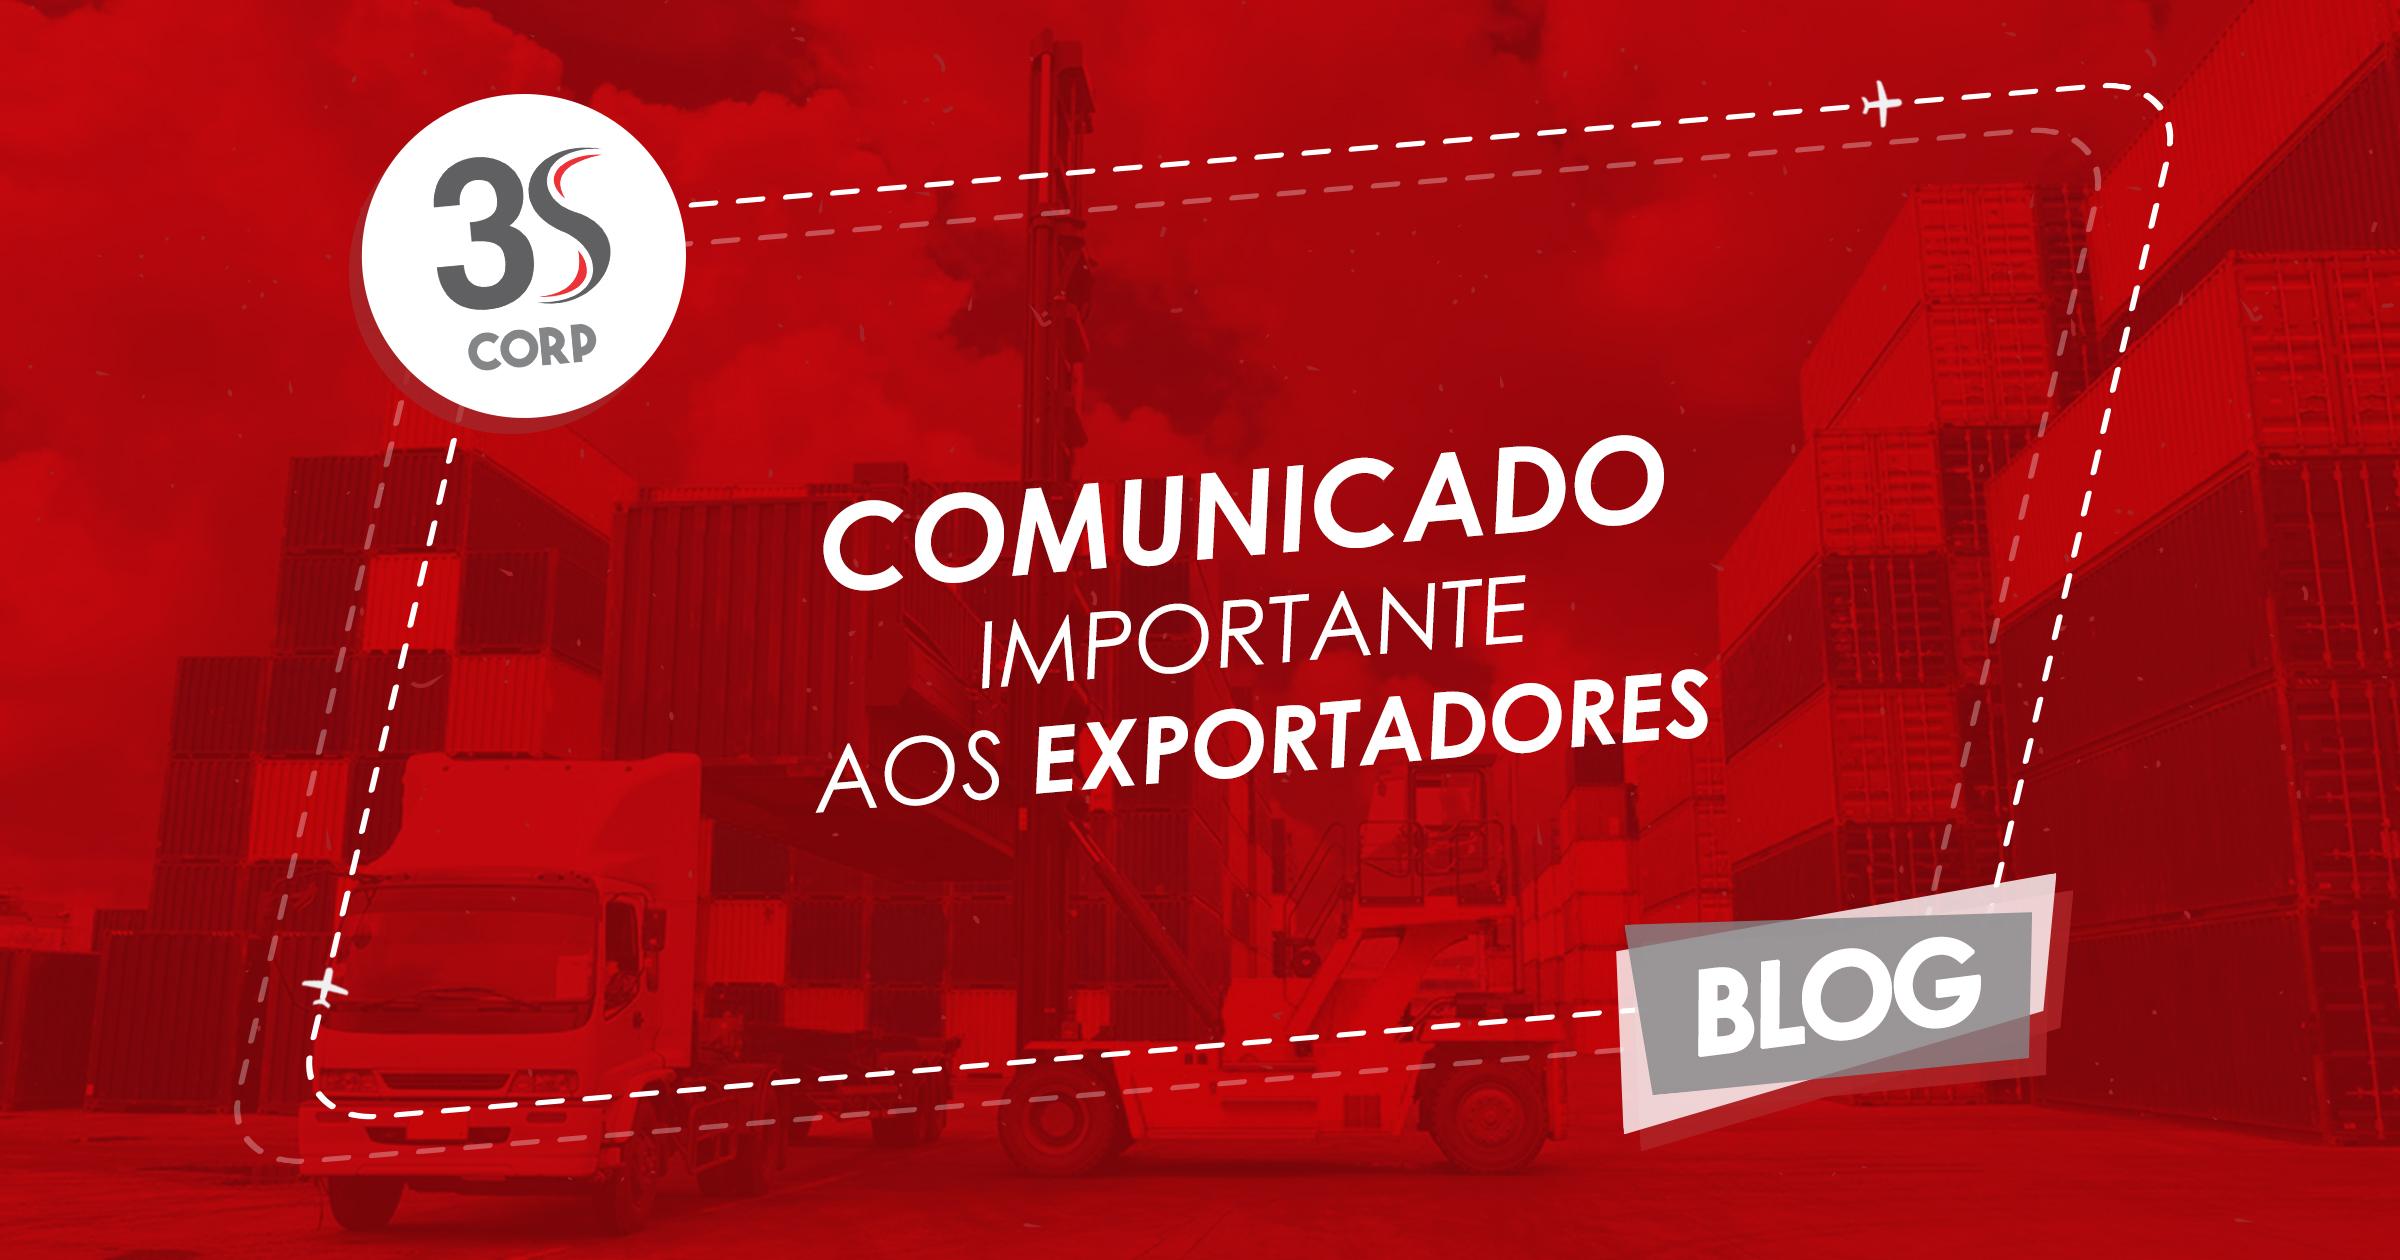 Blog _ (Comunicado Importante aos Exportadores)